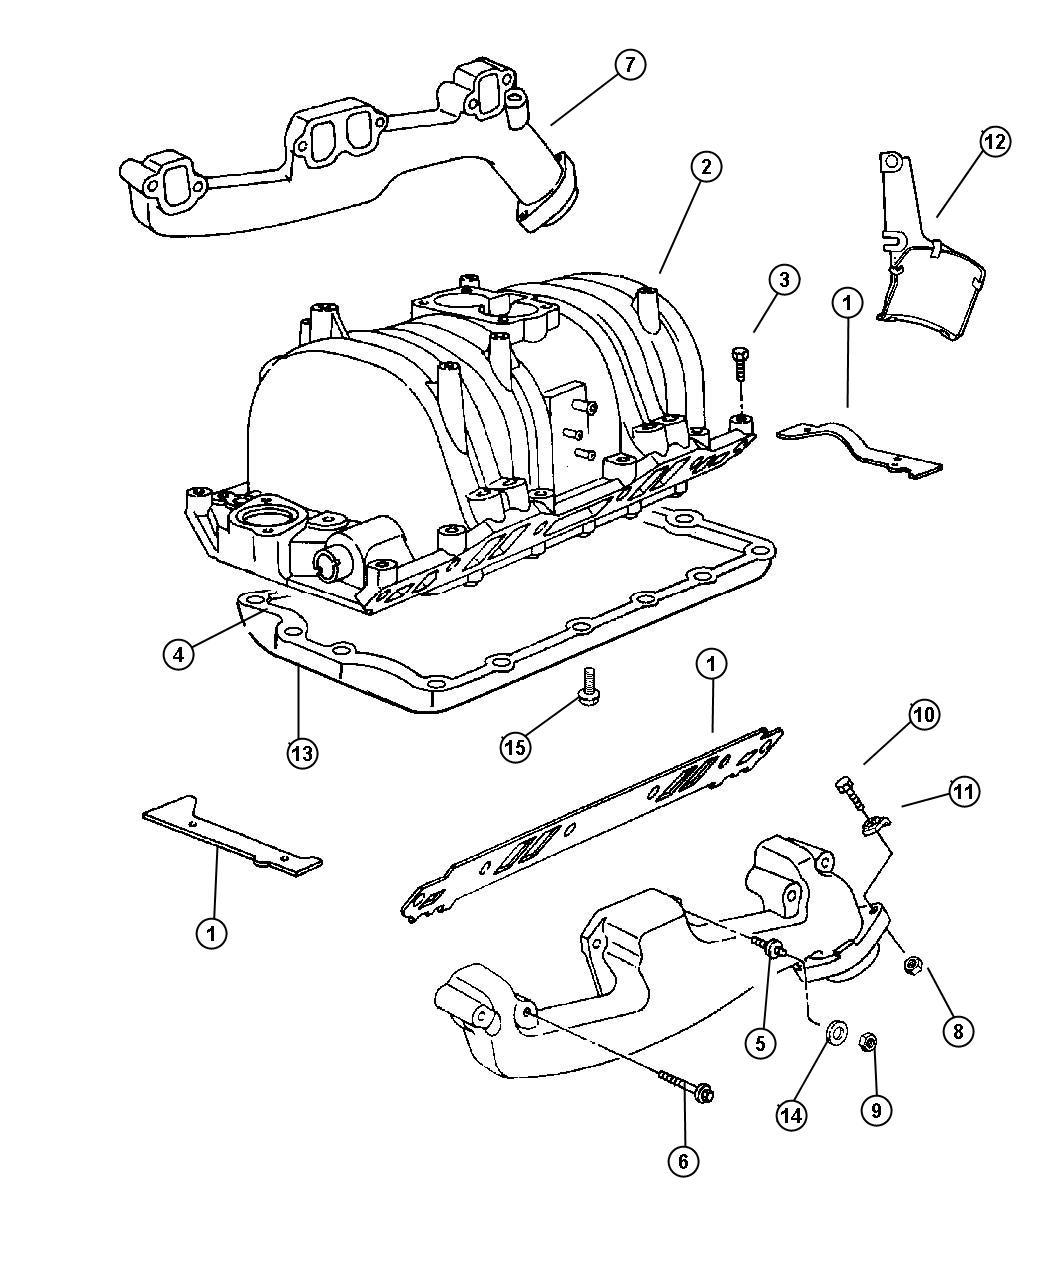 I on 2000 Dodge Durango Exhaust Diagram